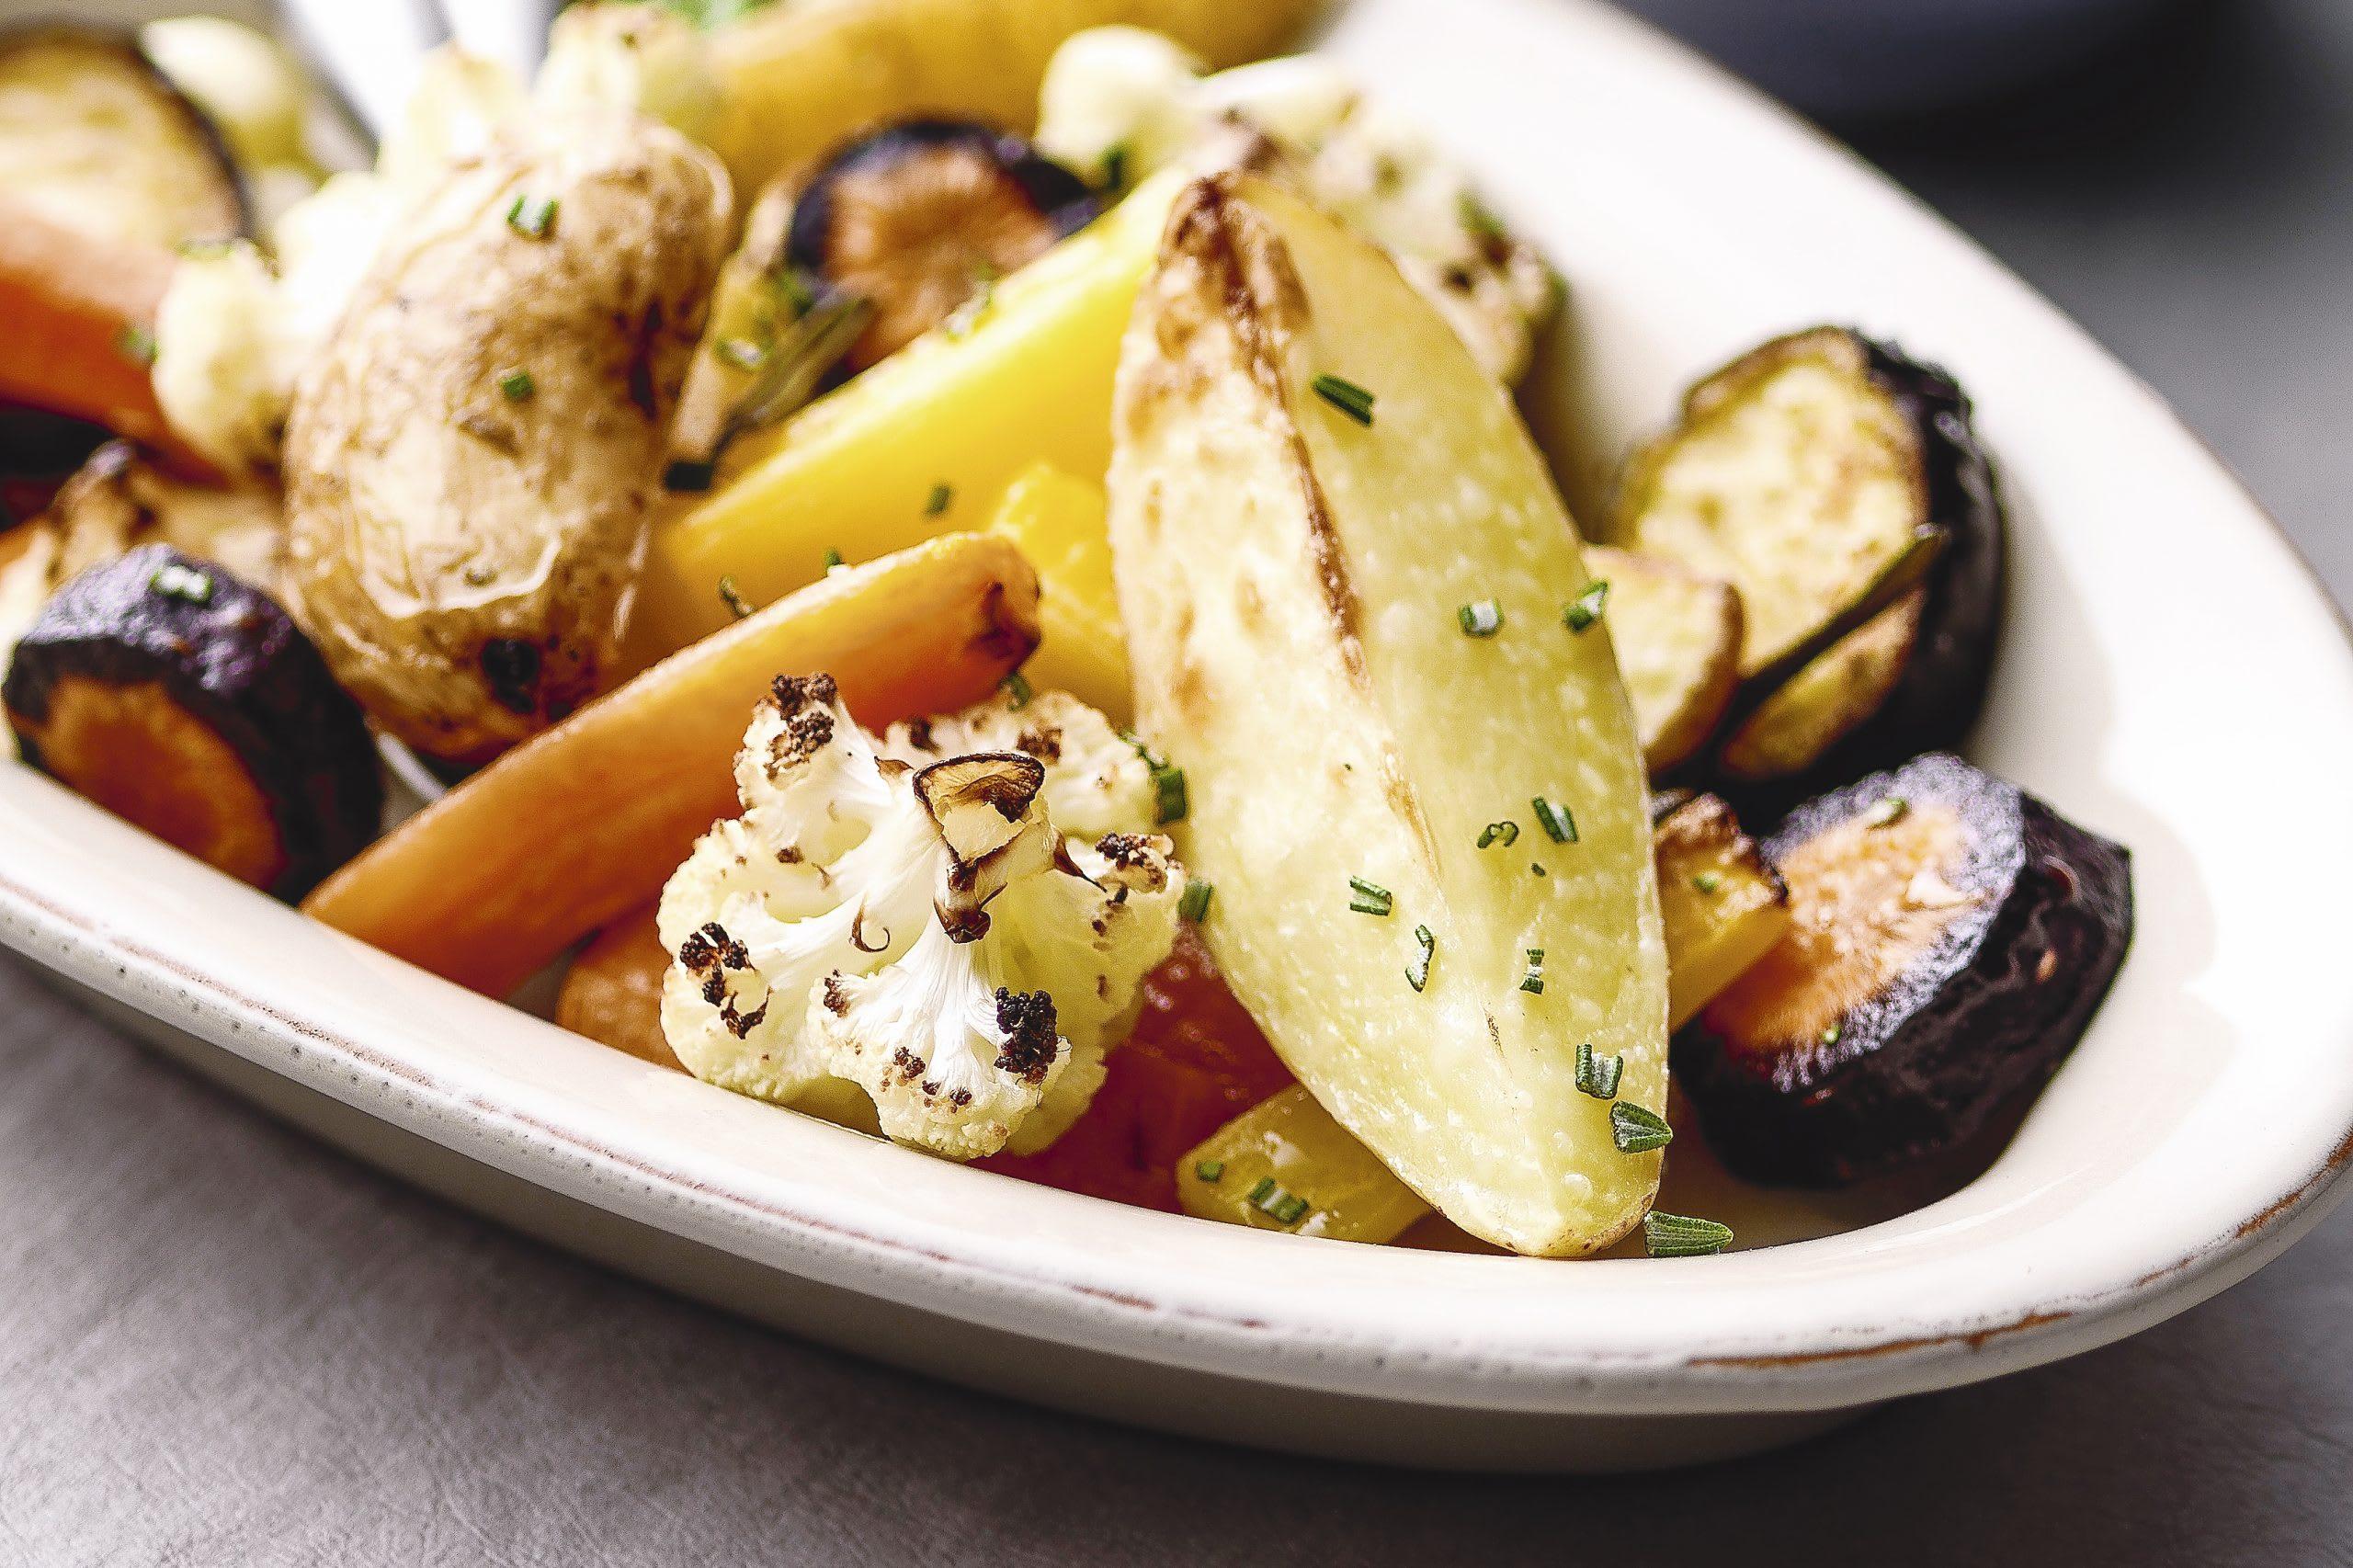 Ofengemüse mit Kartoffelschnitzen und Eier-Kräuter-Quark